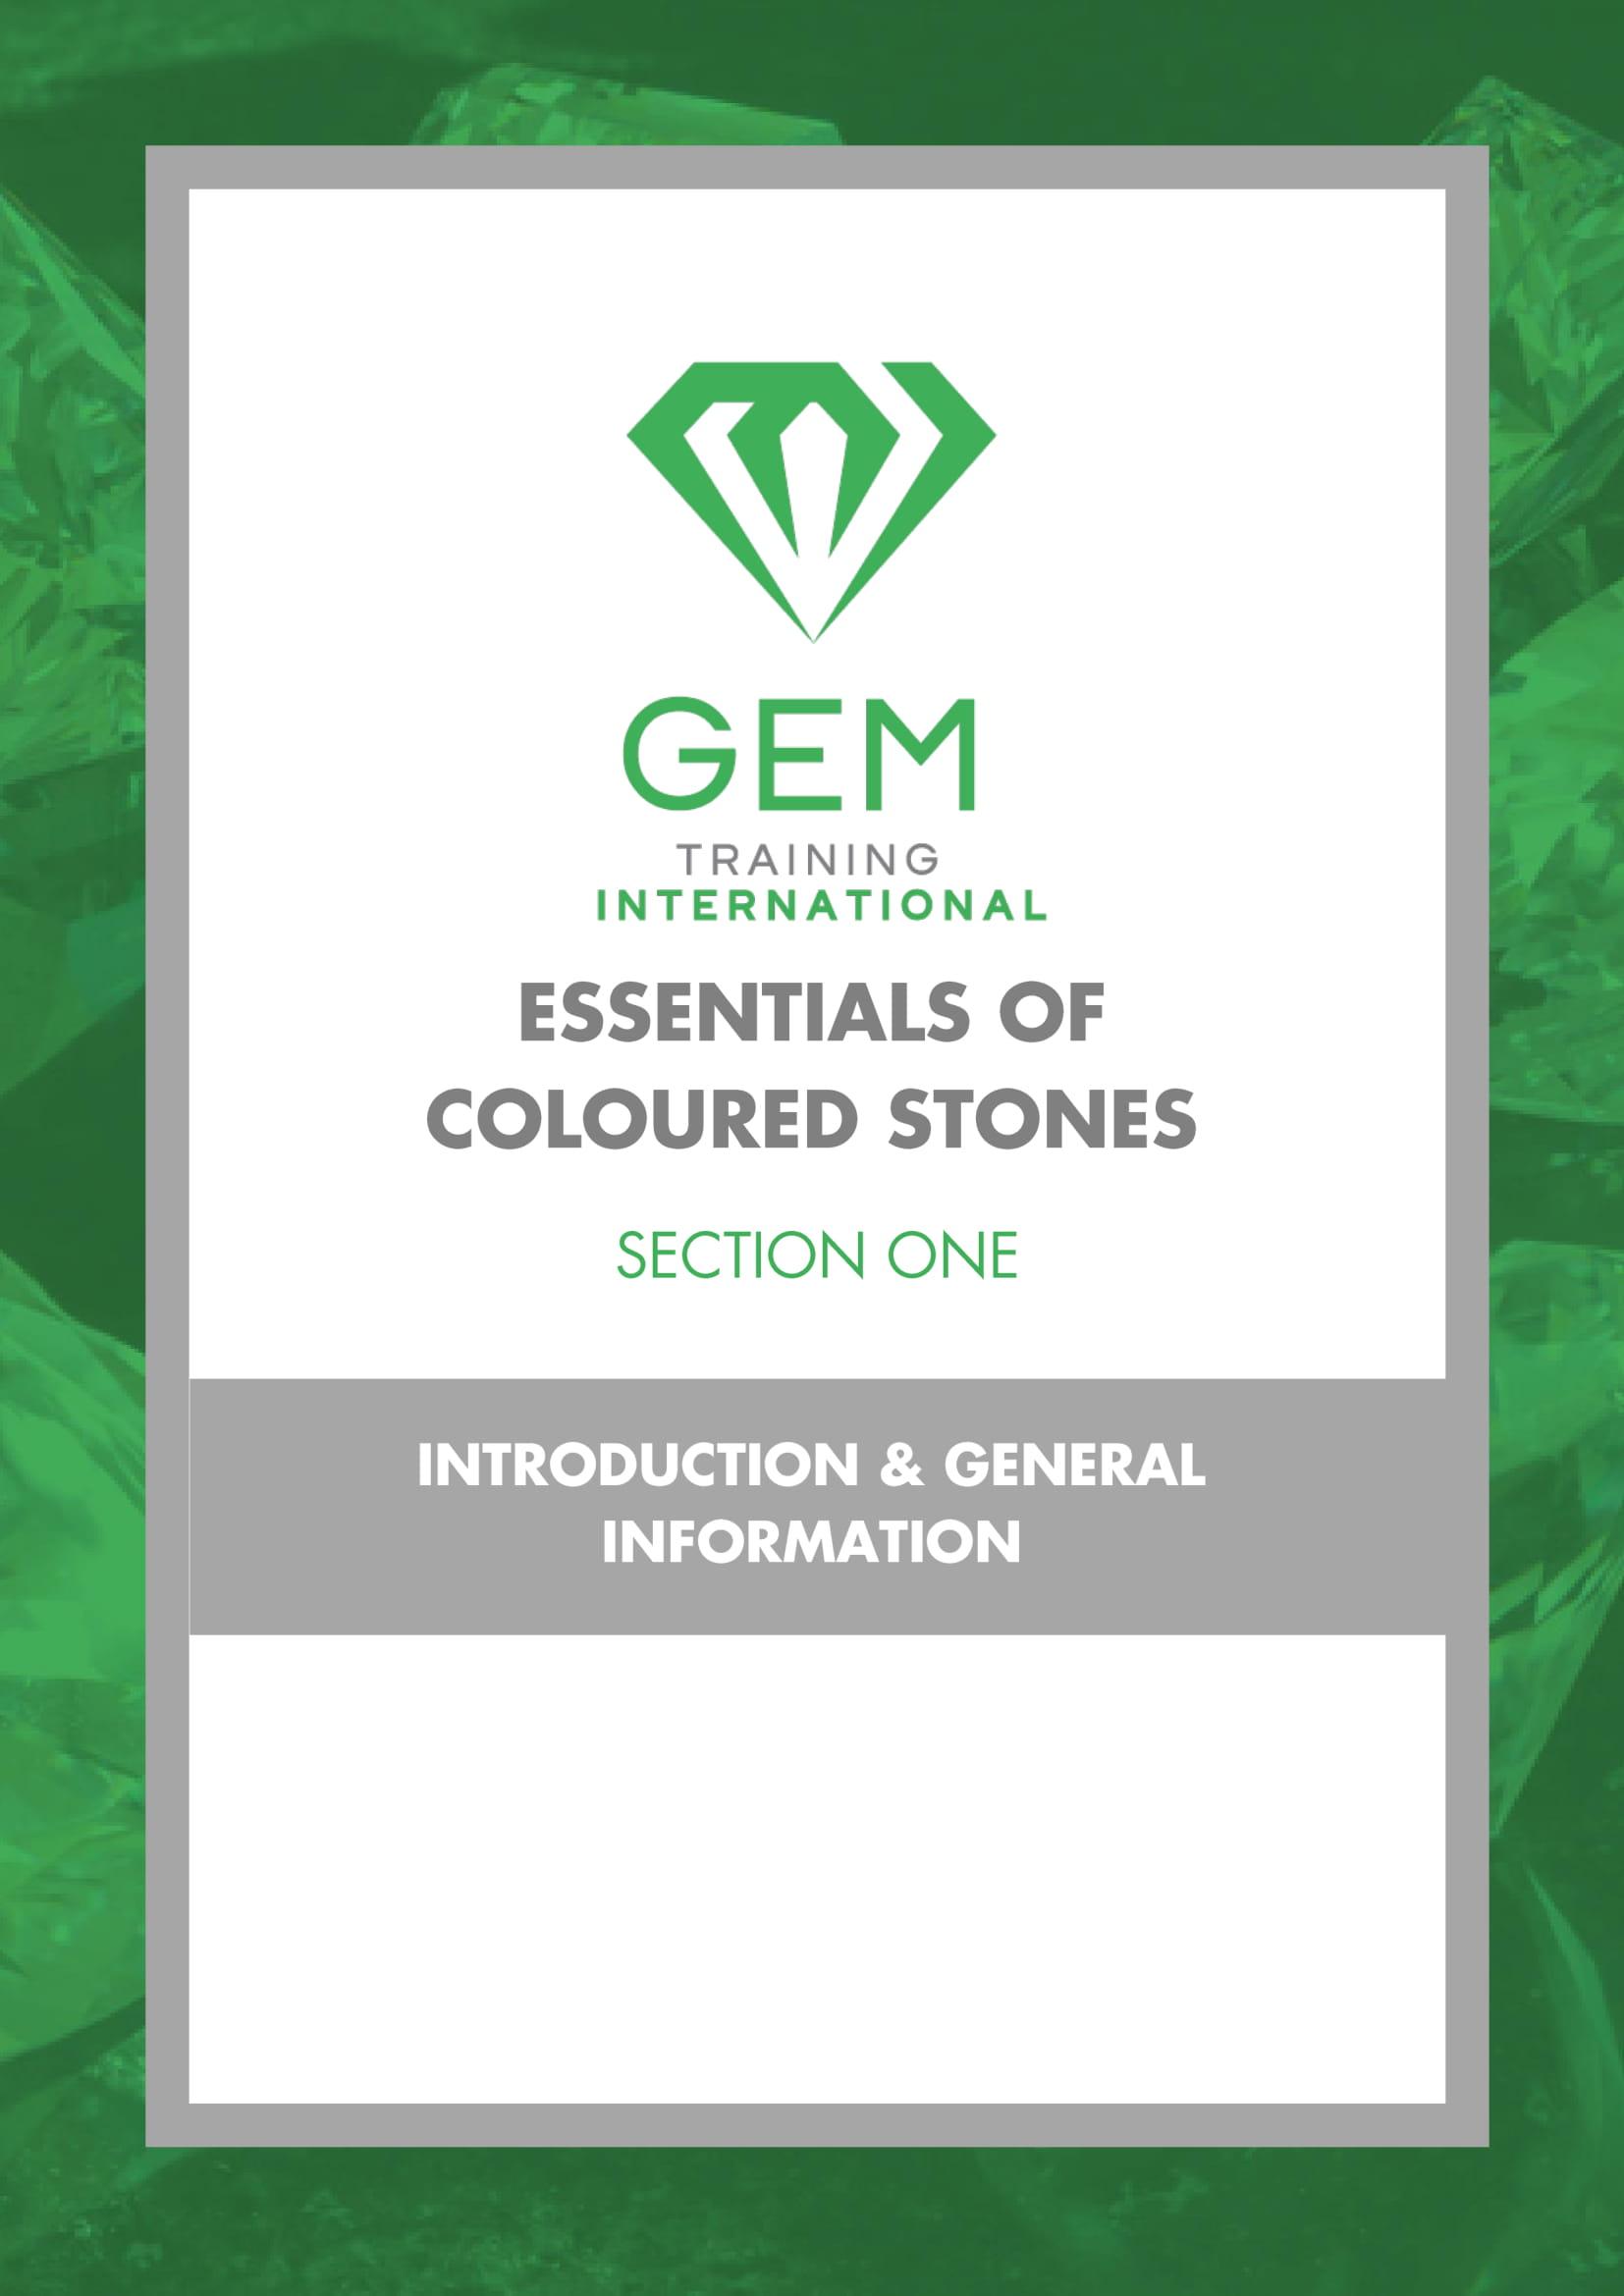 GEM_EOCS_EXAMPLE_CONTENT-02